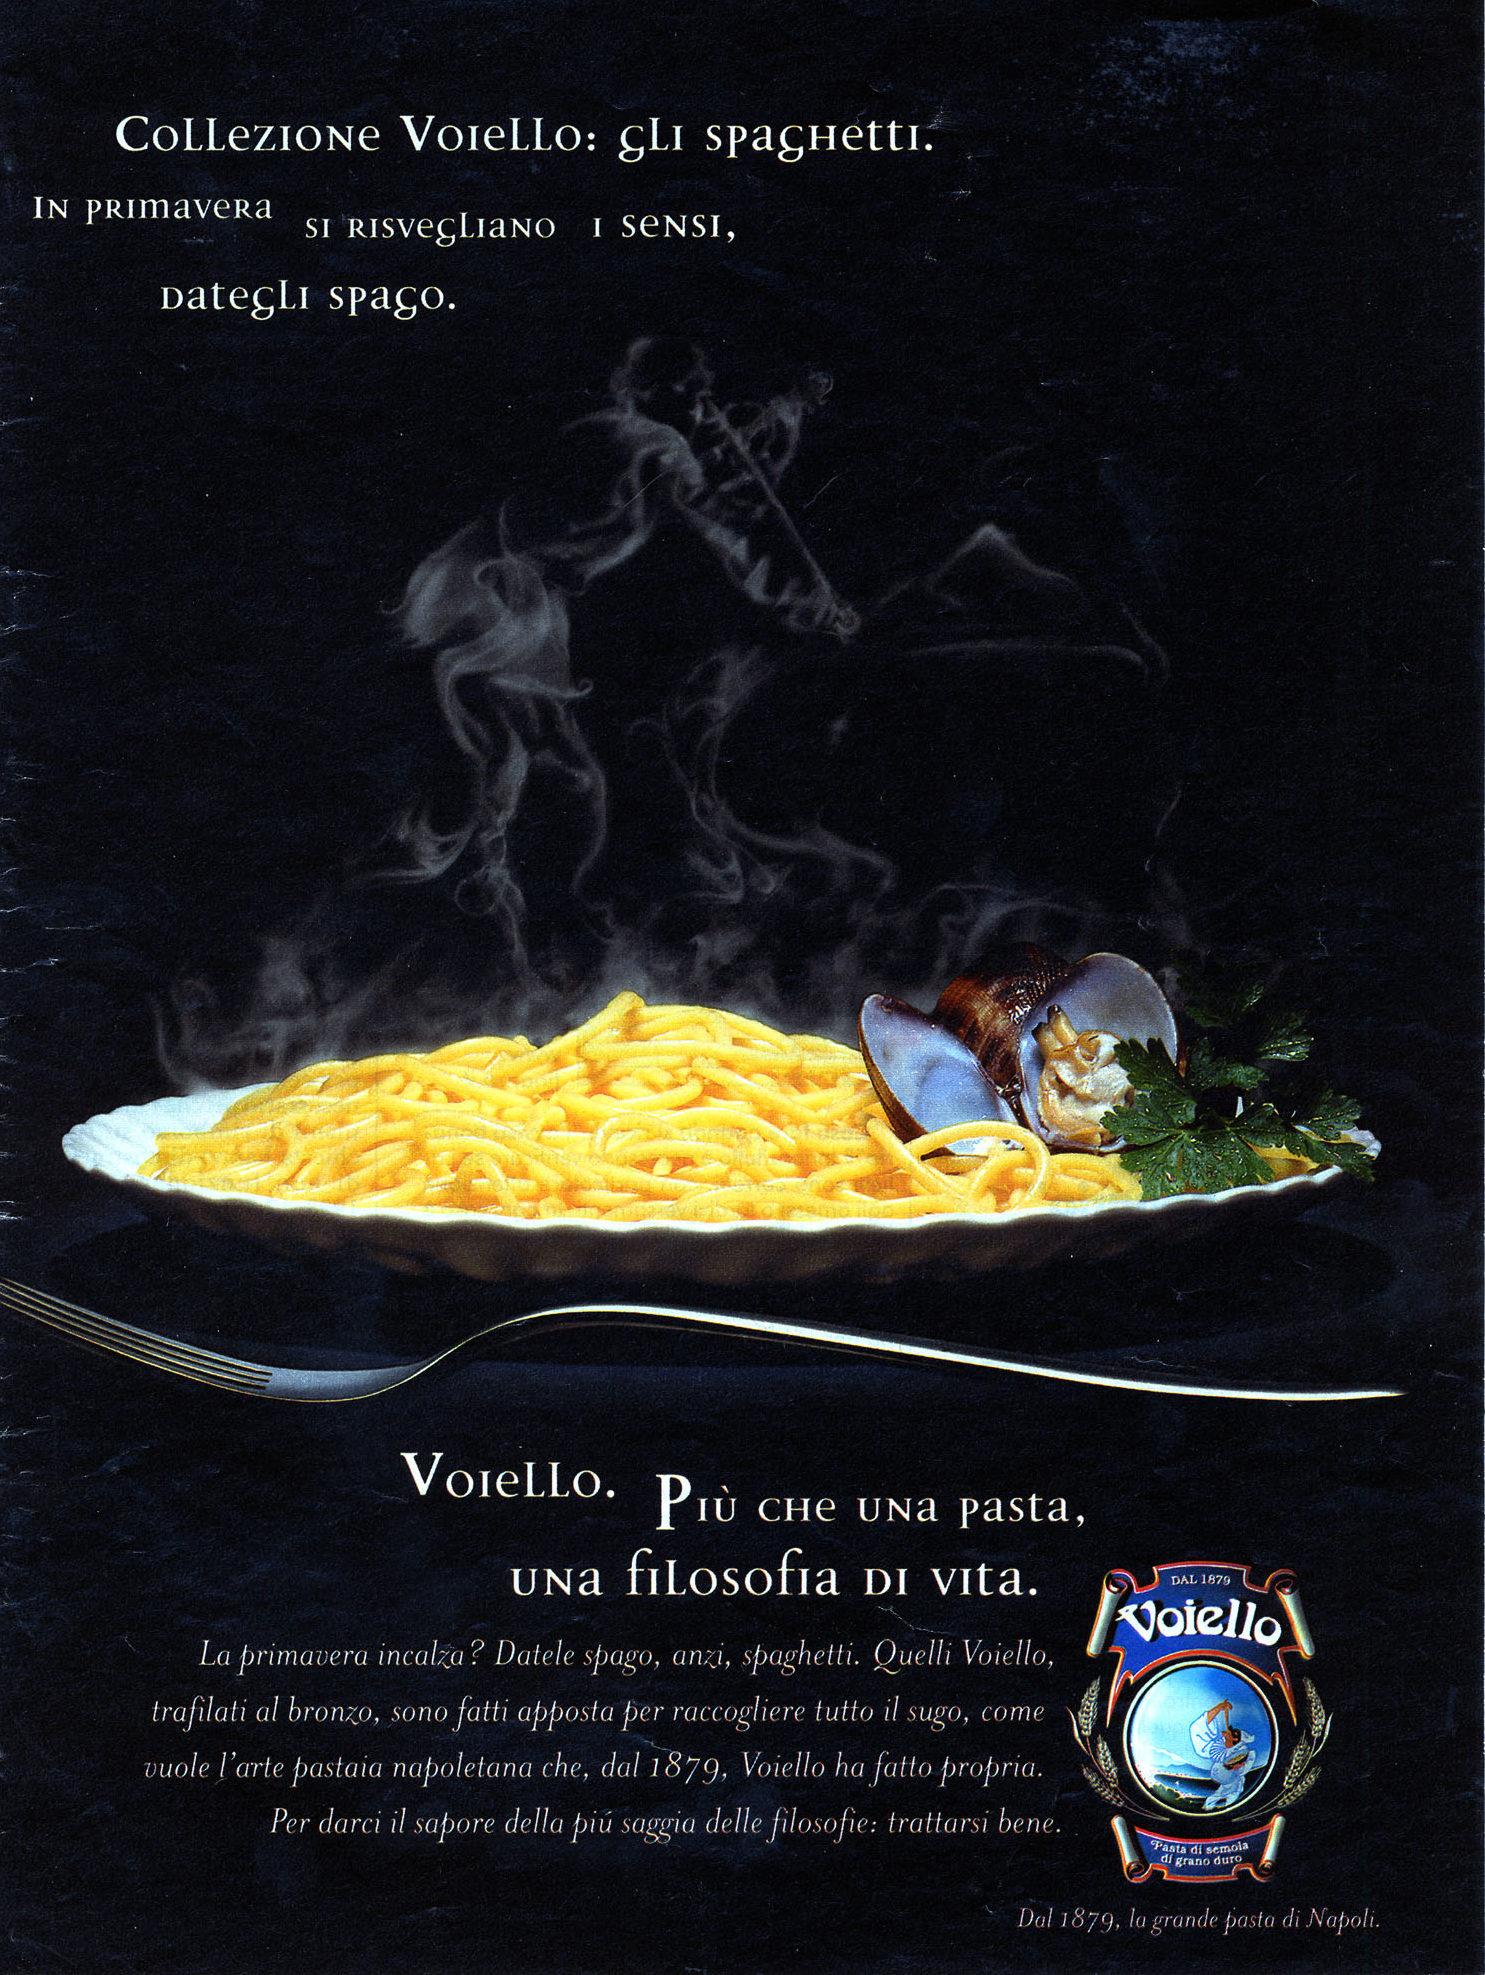 Voiello advertising campaign, 2001